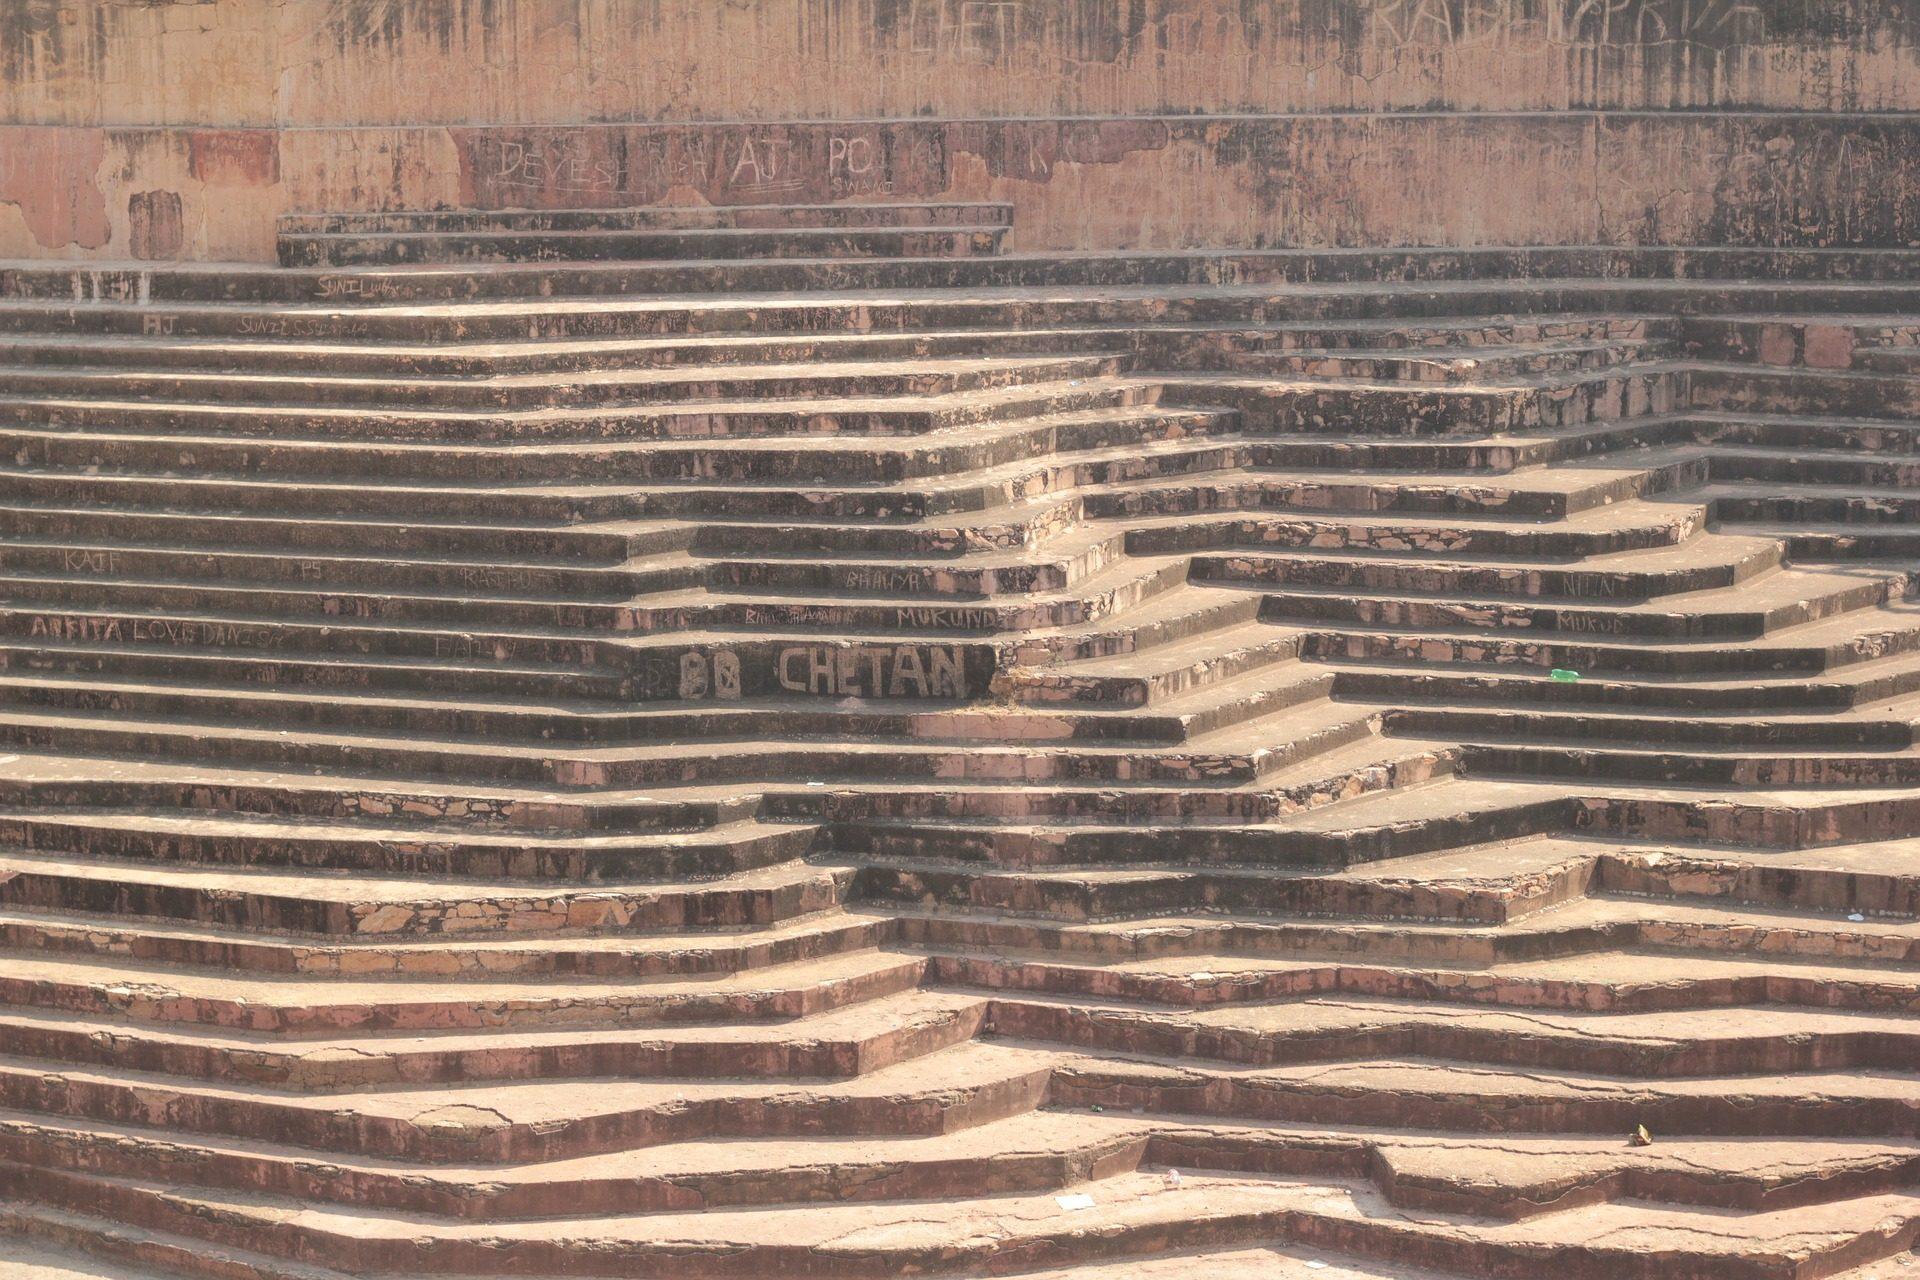 الدرج, درج معالجته, ستون, طباعة, أسماء, أنماط - خلفيات عالية الدقة - أستاذ falken.com